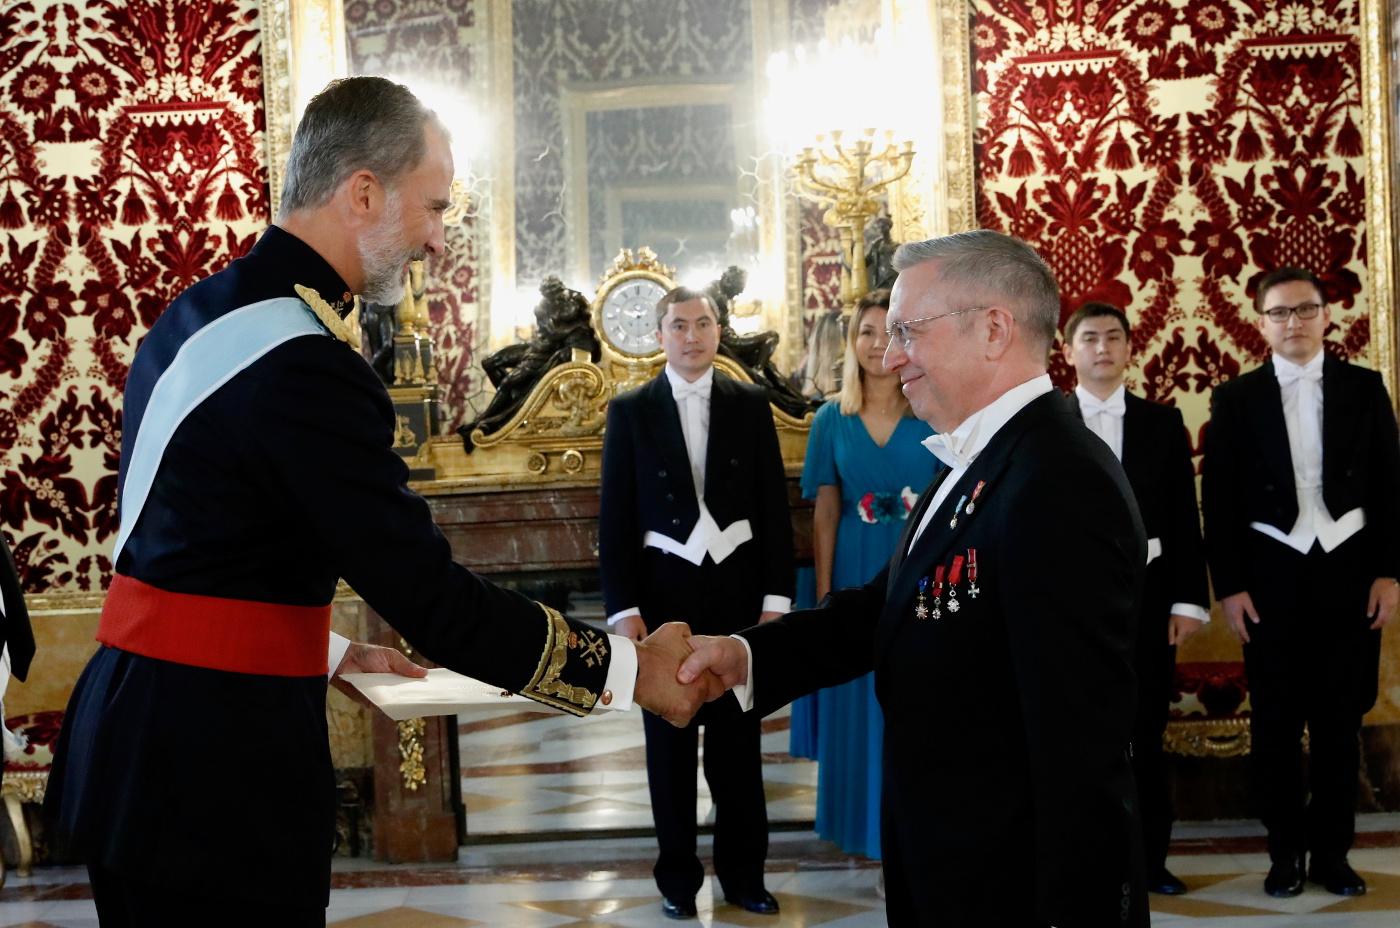 Посол Казахстана в Испании вручил верительные грамоты Королю, Испания, Король, Фелипе VI, Нурсултан Назарбаев, Партнерство